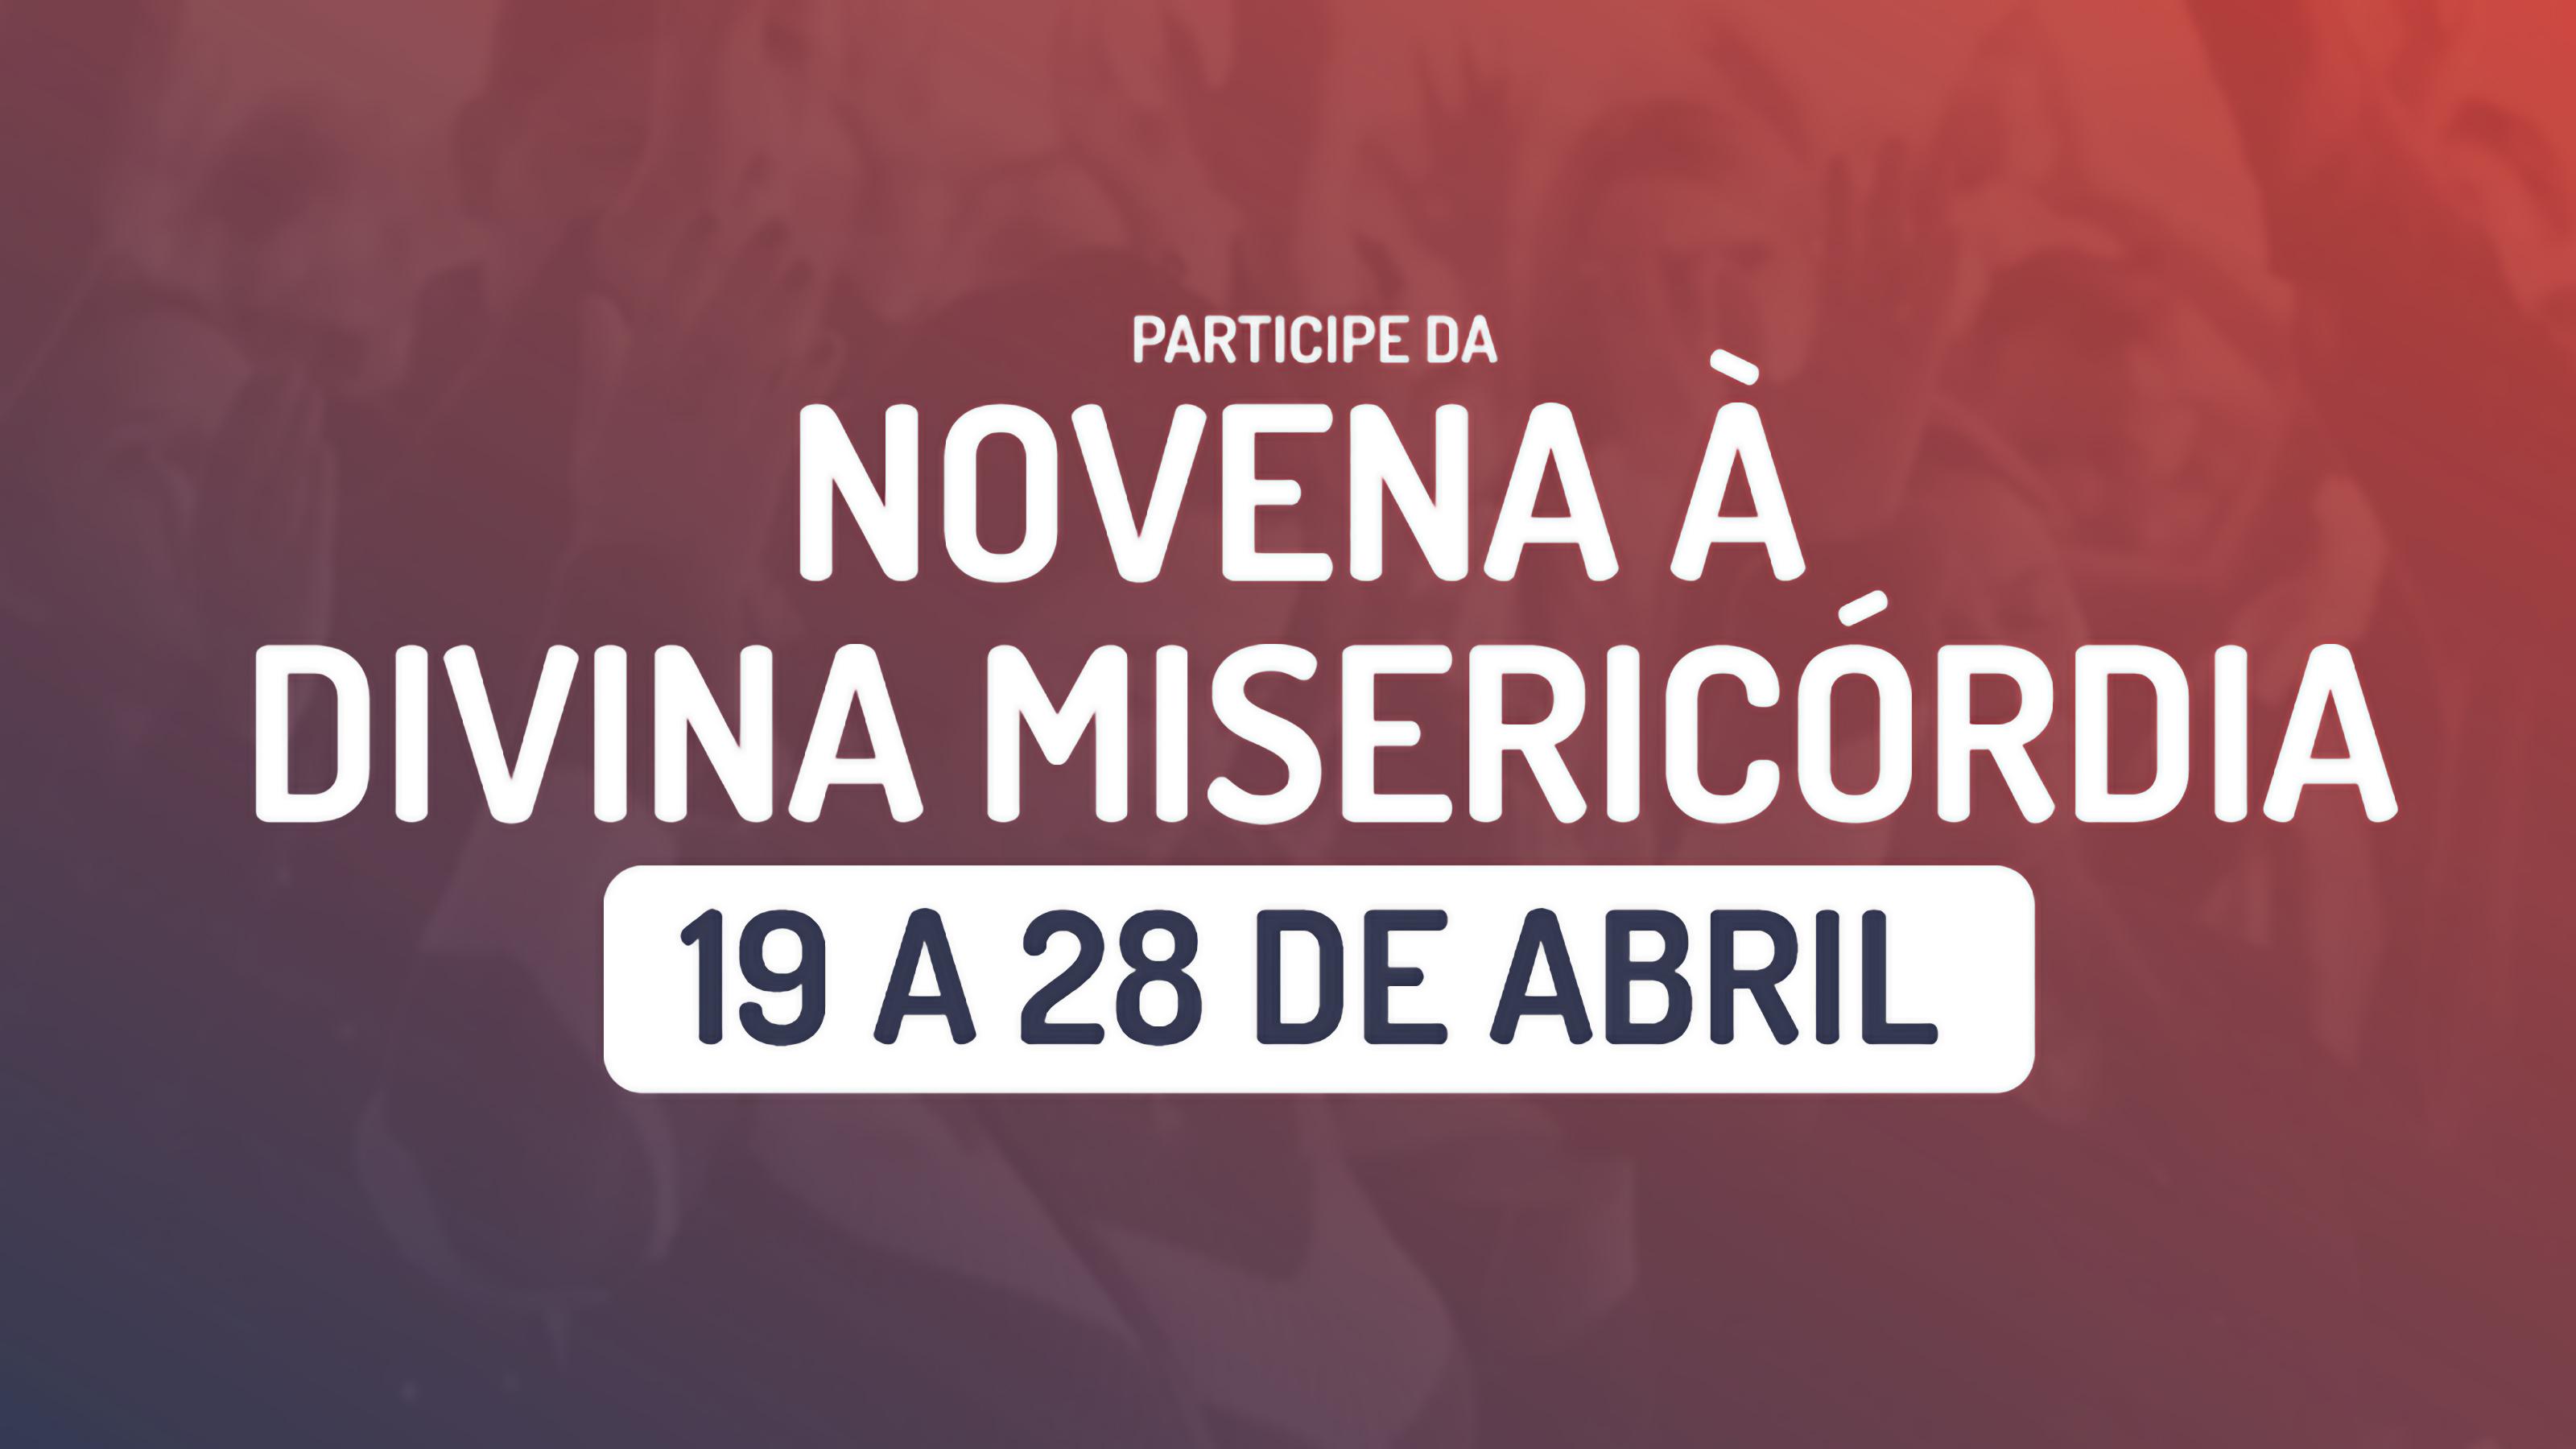 FNDM18_BannerRotativo_Novena-1-1024x576-1